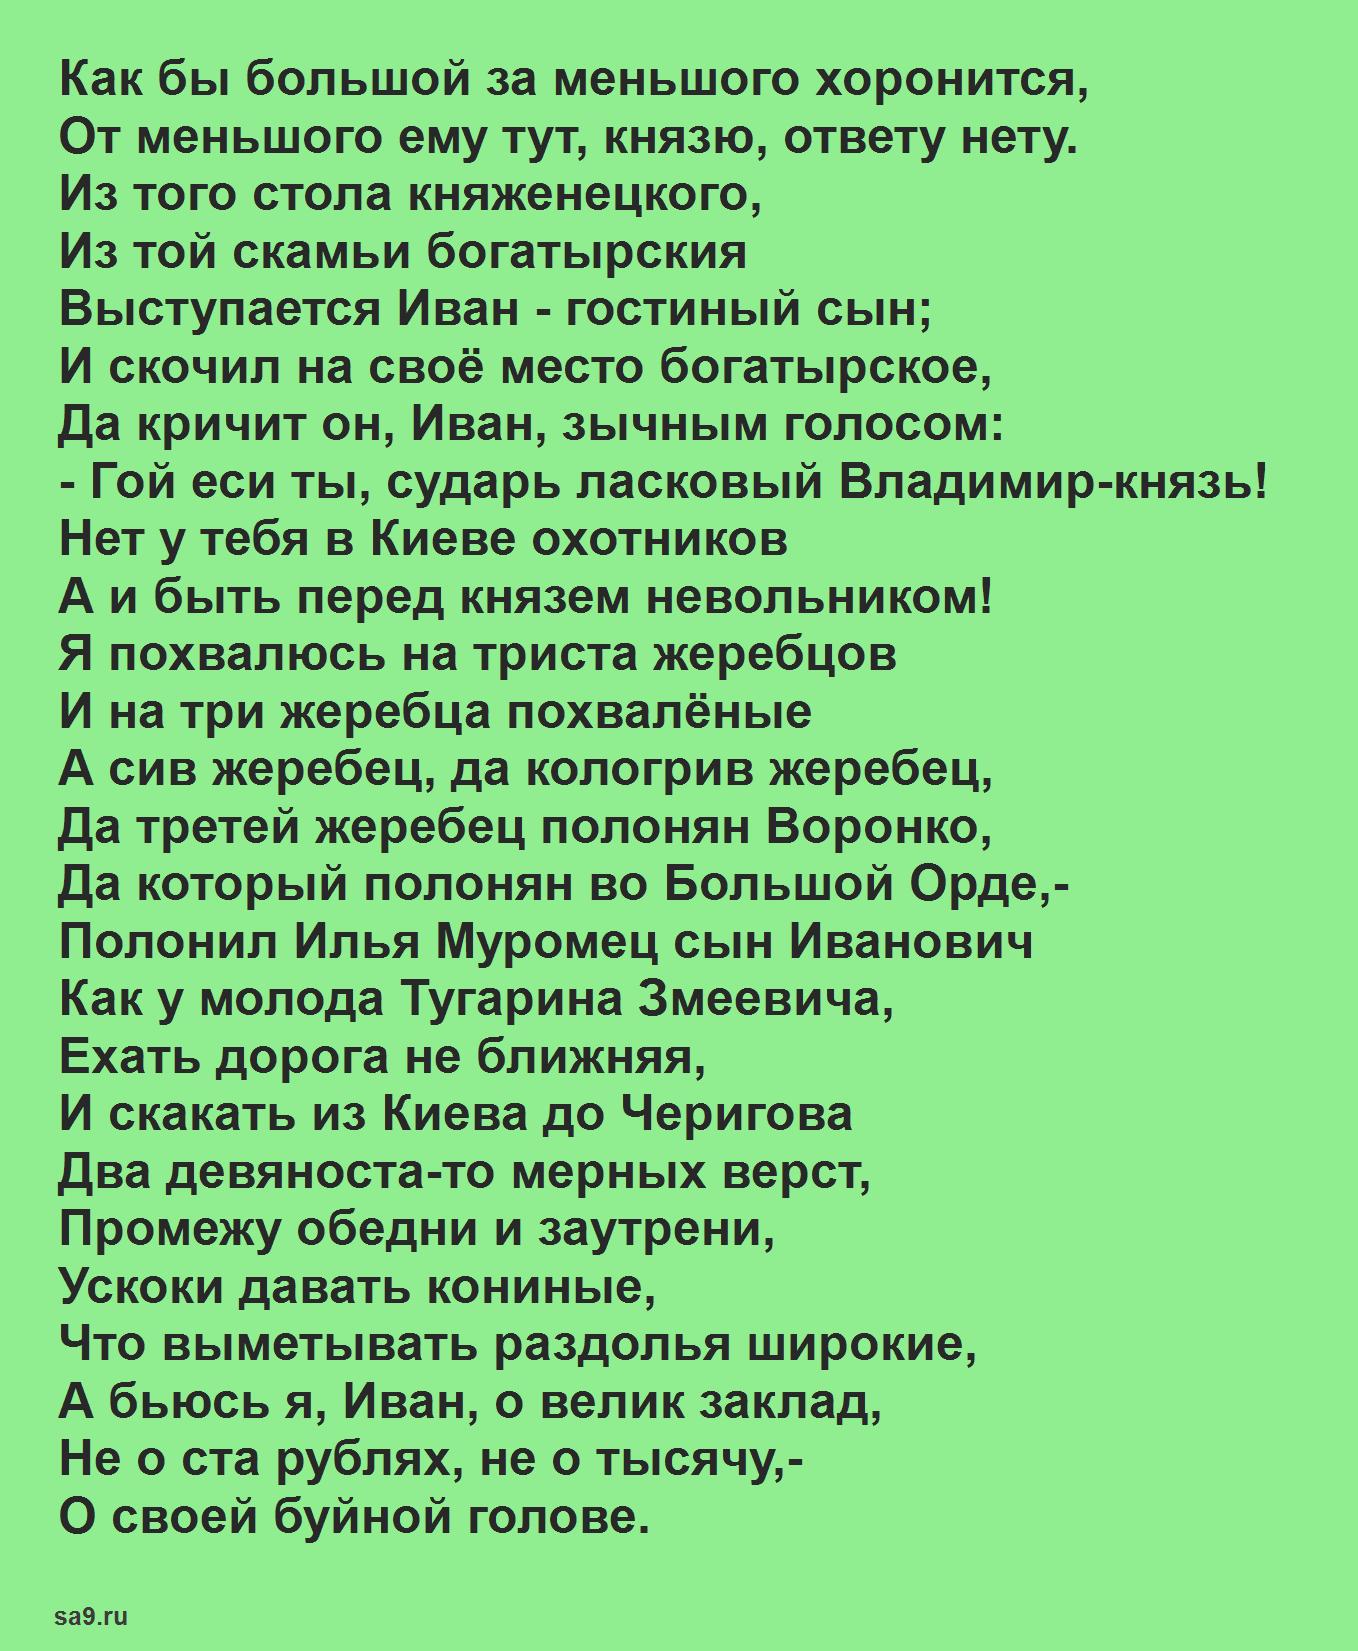 Читать былину - Иван гостиный сын